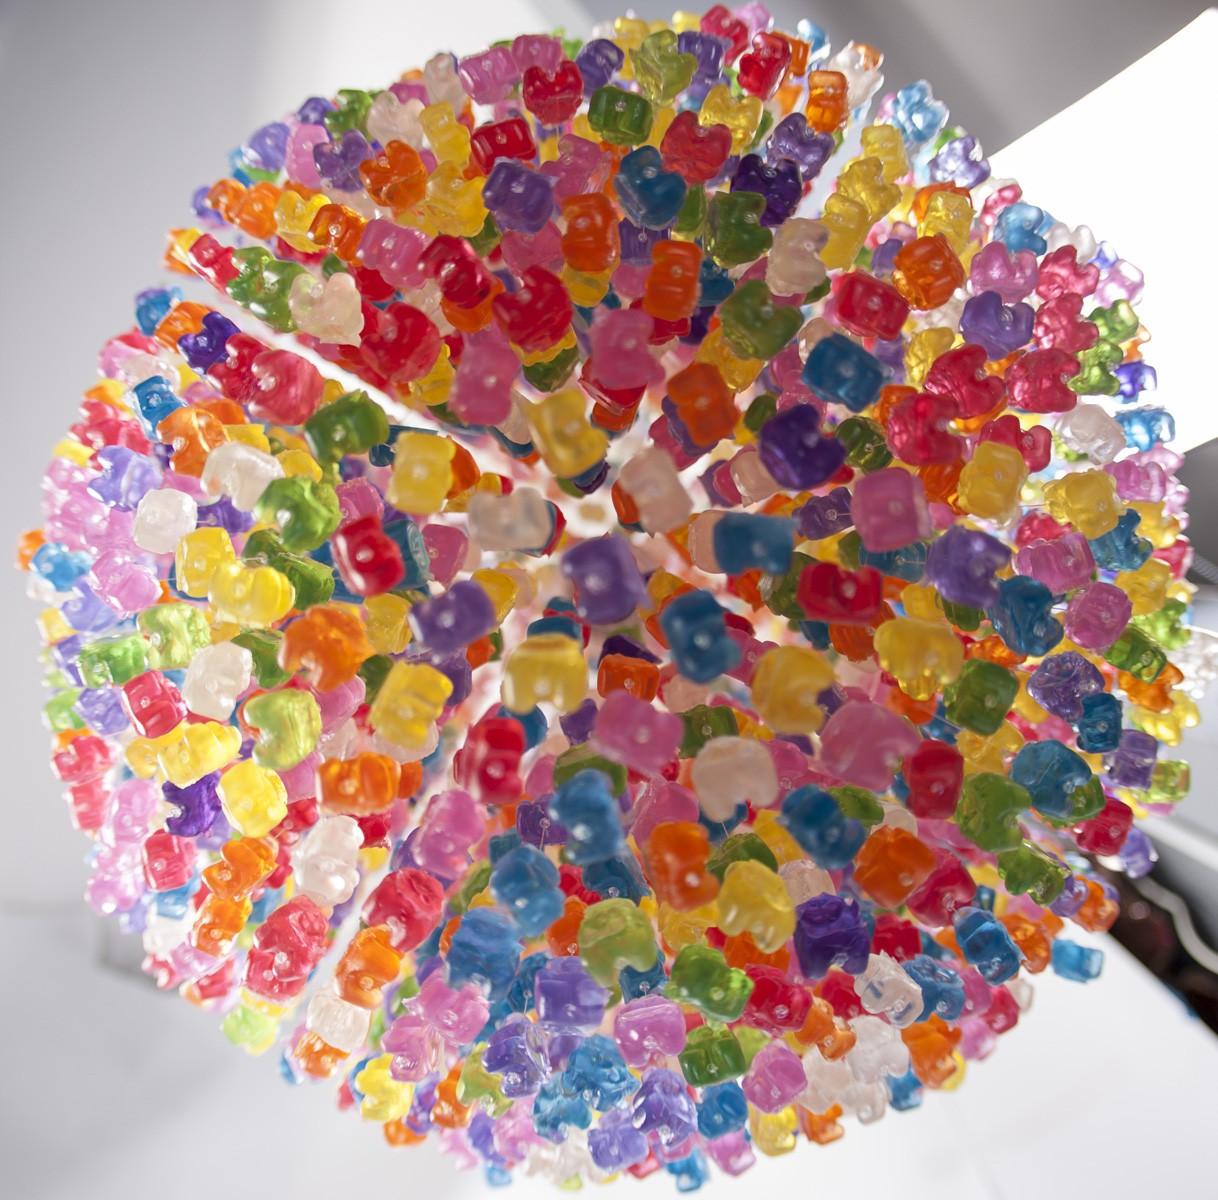 14 tác phẩm mãn nhãn khiến fan kẹo dẻo phát cuồng - Ảnh 23.